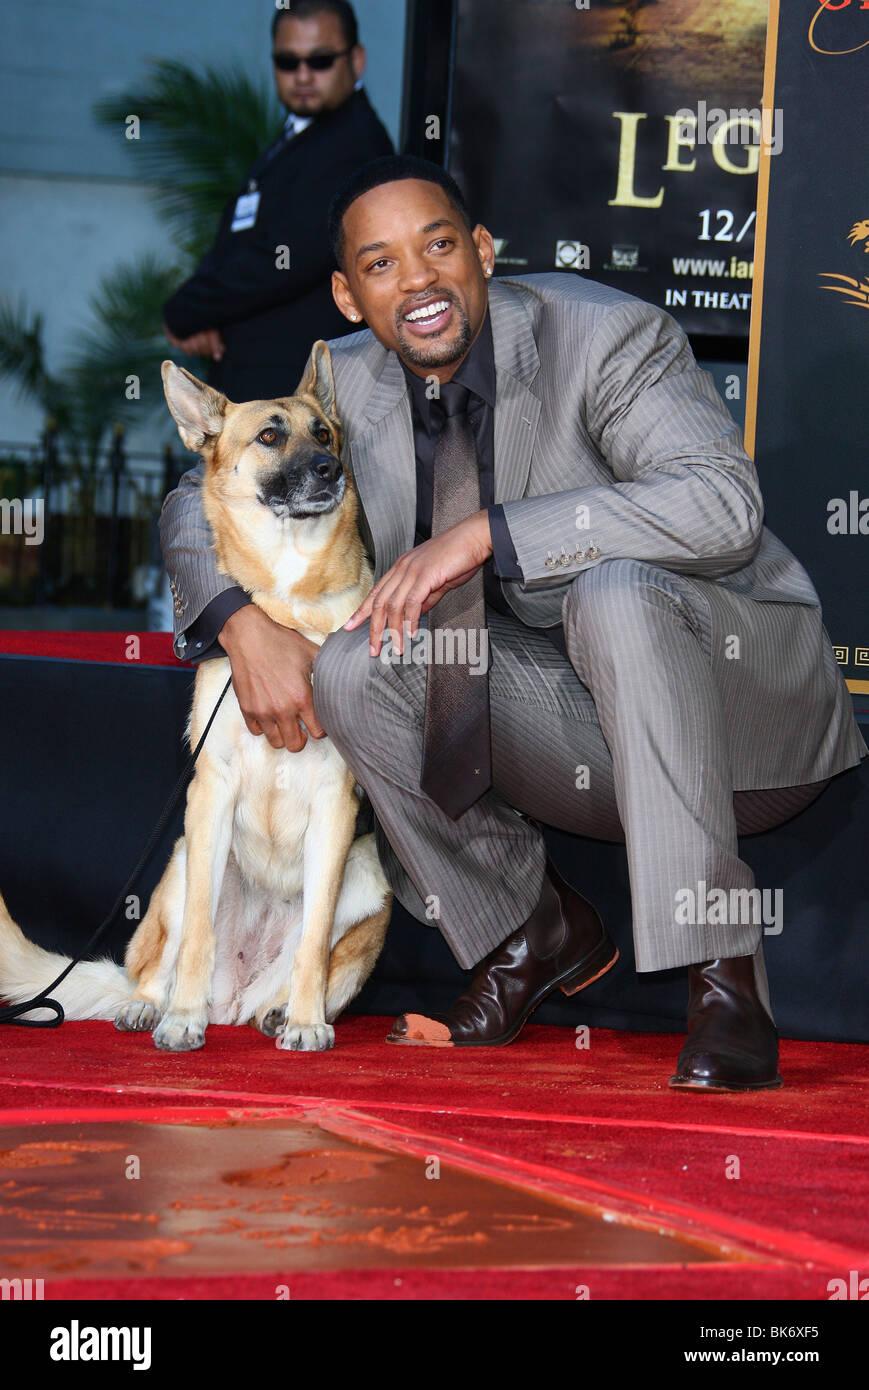 I am legend sam the dog